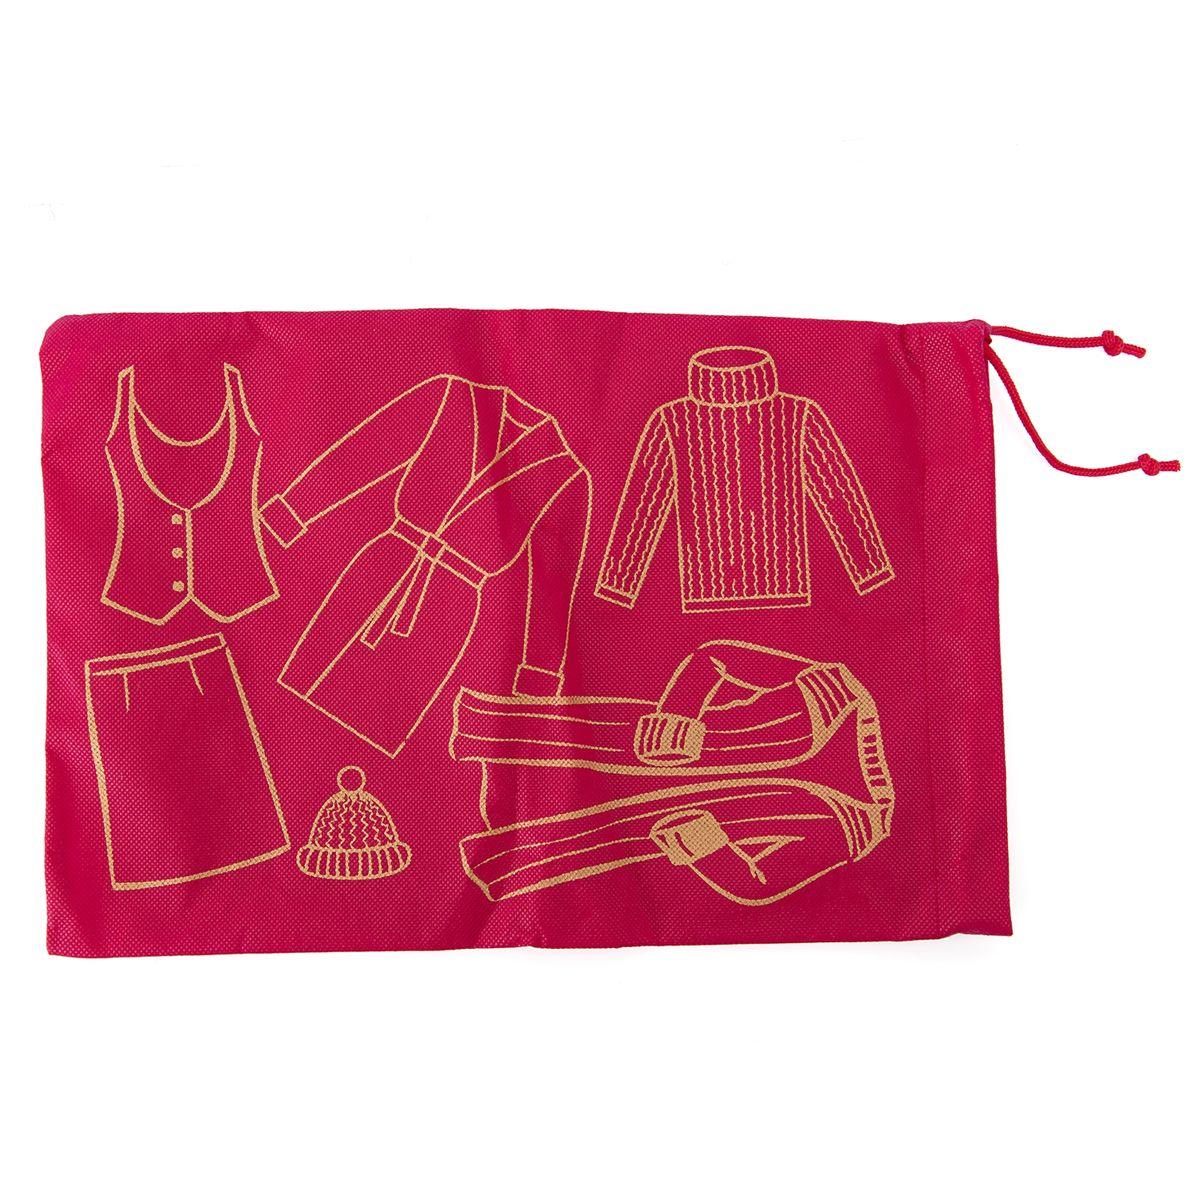 Органайзер для вещей Homsu Lady in Red, 45 х 30 смSS 4041Удобный органайзер для хранения и перевозки вещей. Изготовлен из высококачественного материала, поможет полноценно сберечь вашу одежду, как в домашнем хранении, так и во время транспортировки. Размер изделия:45x30см.